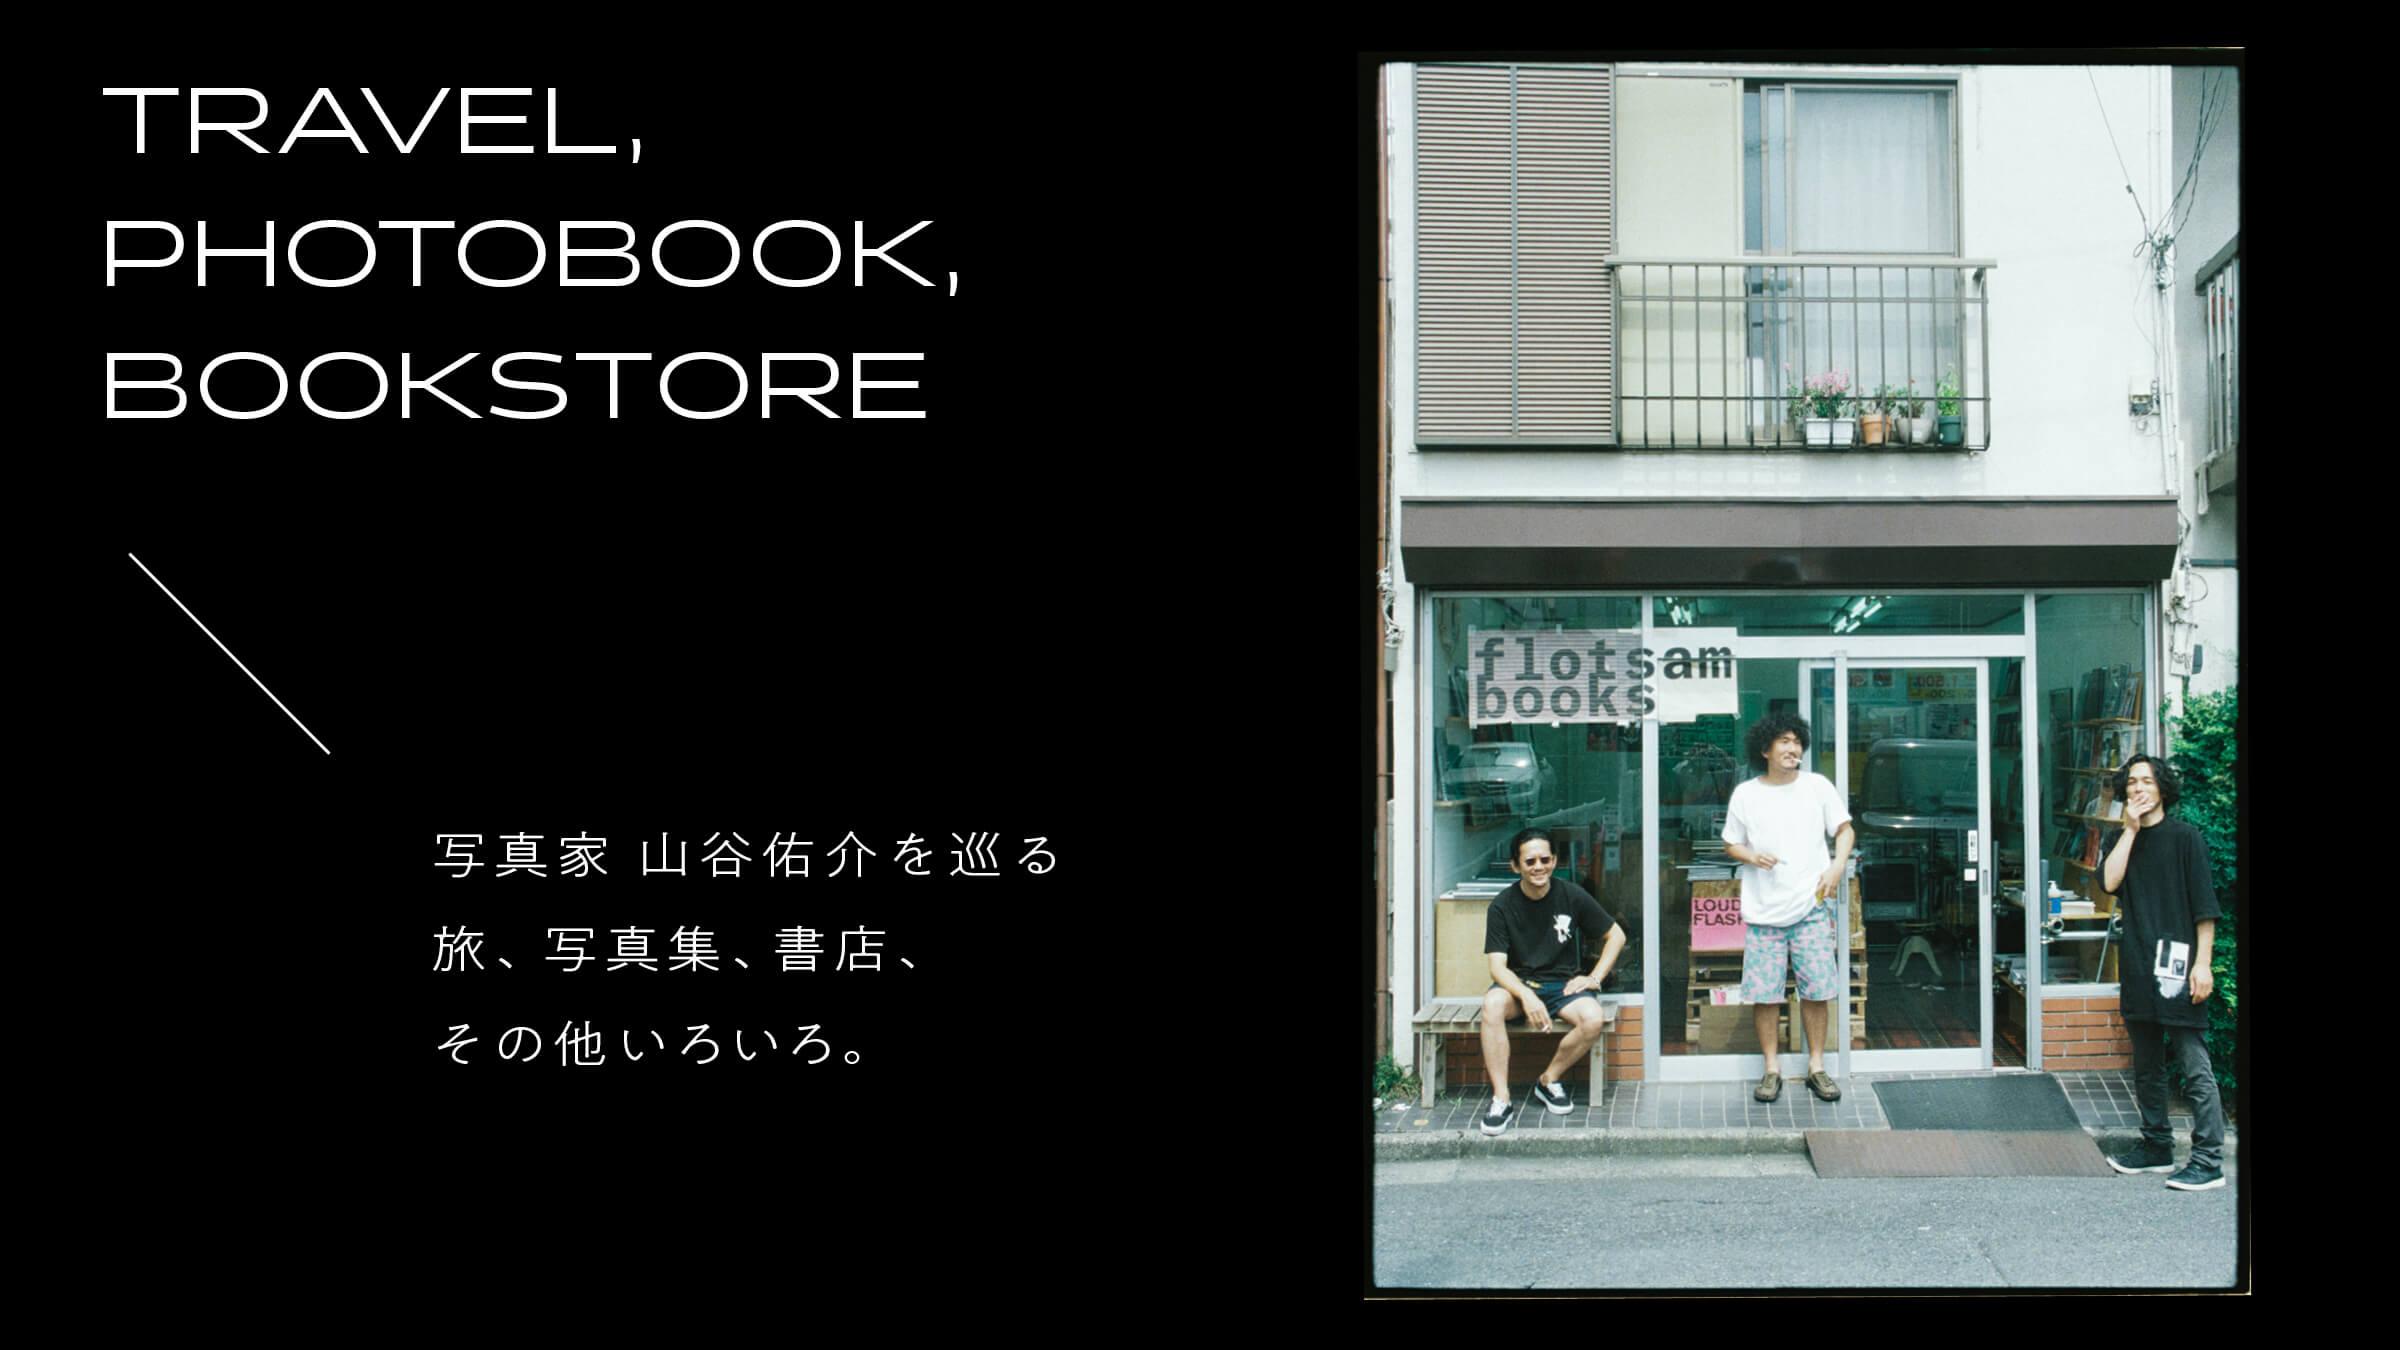 写真家山谷佑介を巡る 旅、写真集、書店、その他いろいろ。